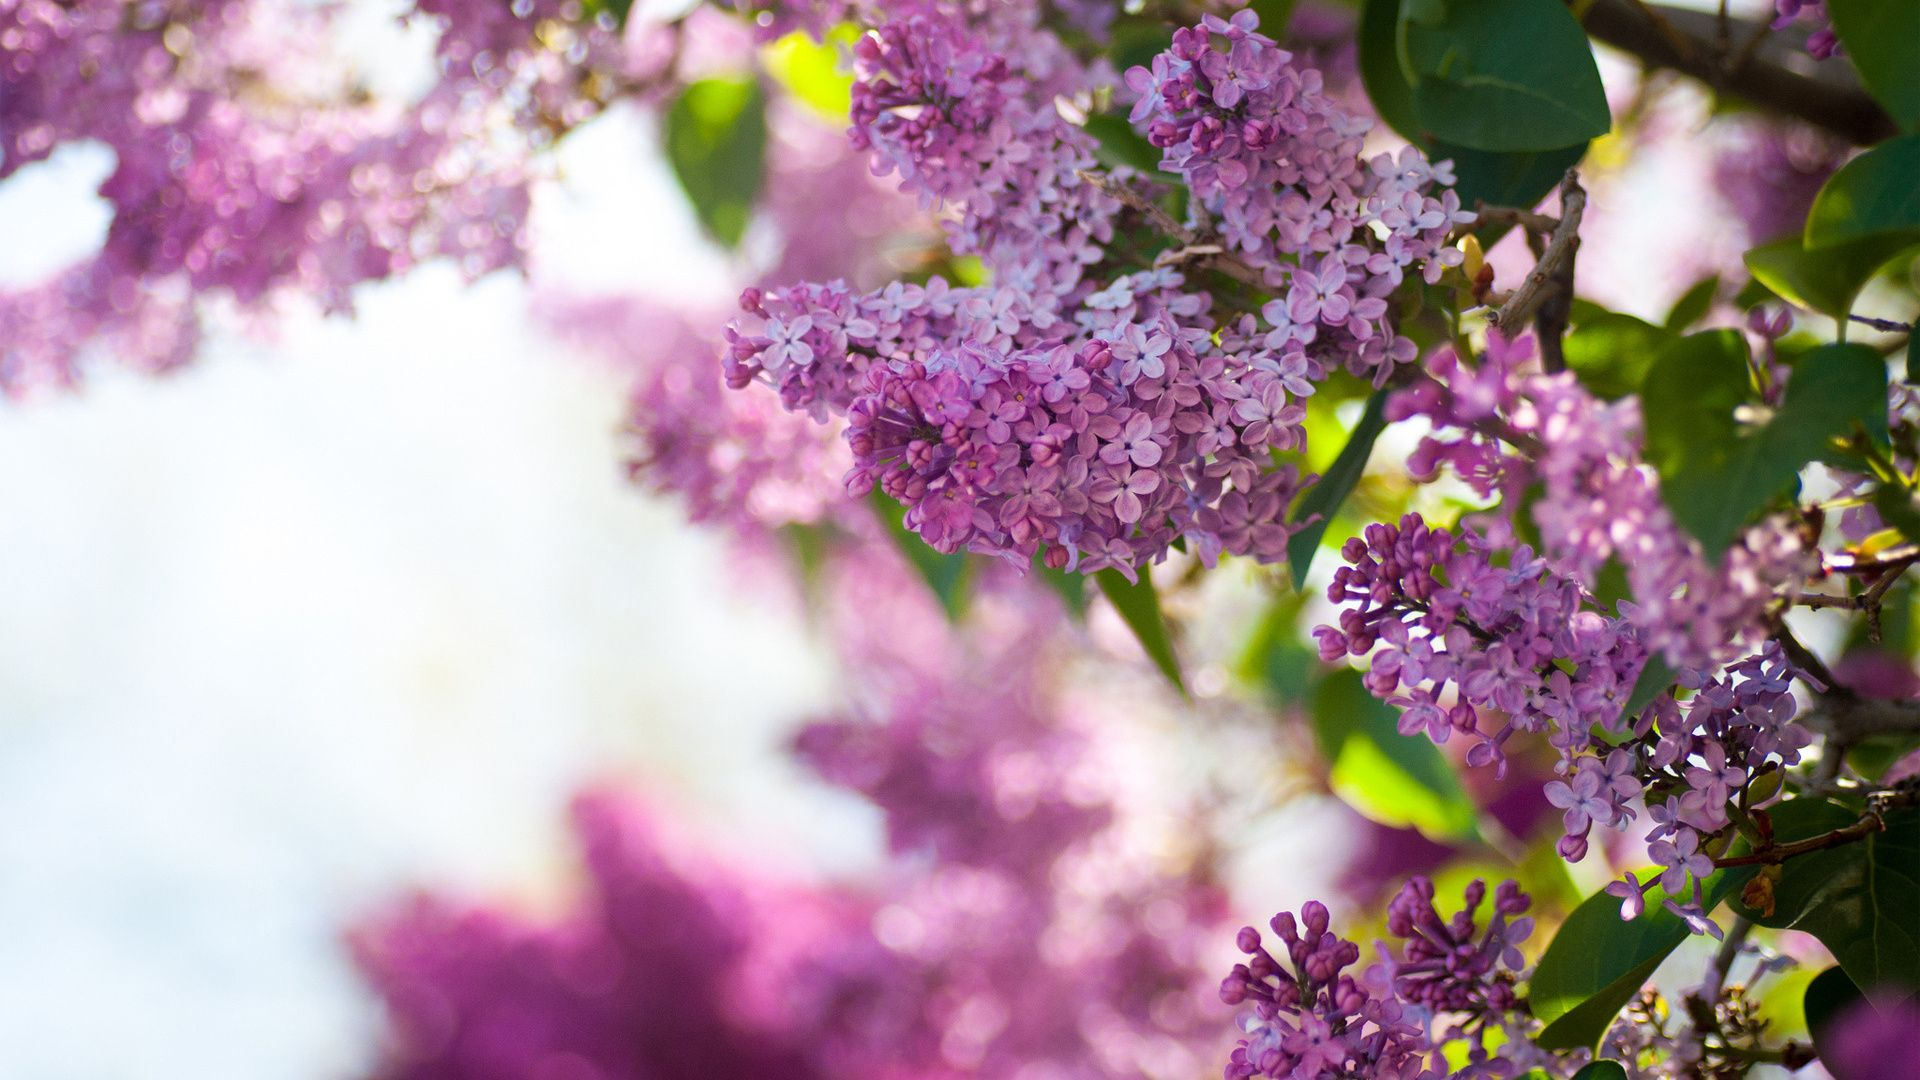 Lilac PC Wallpaper